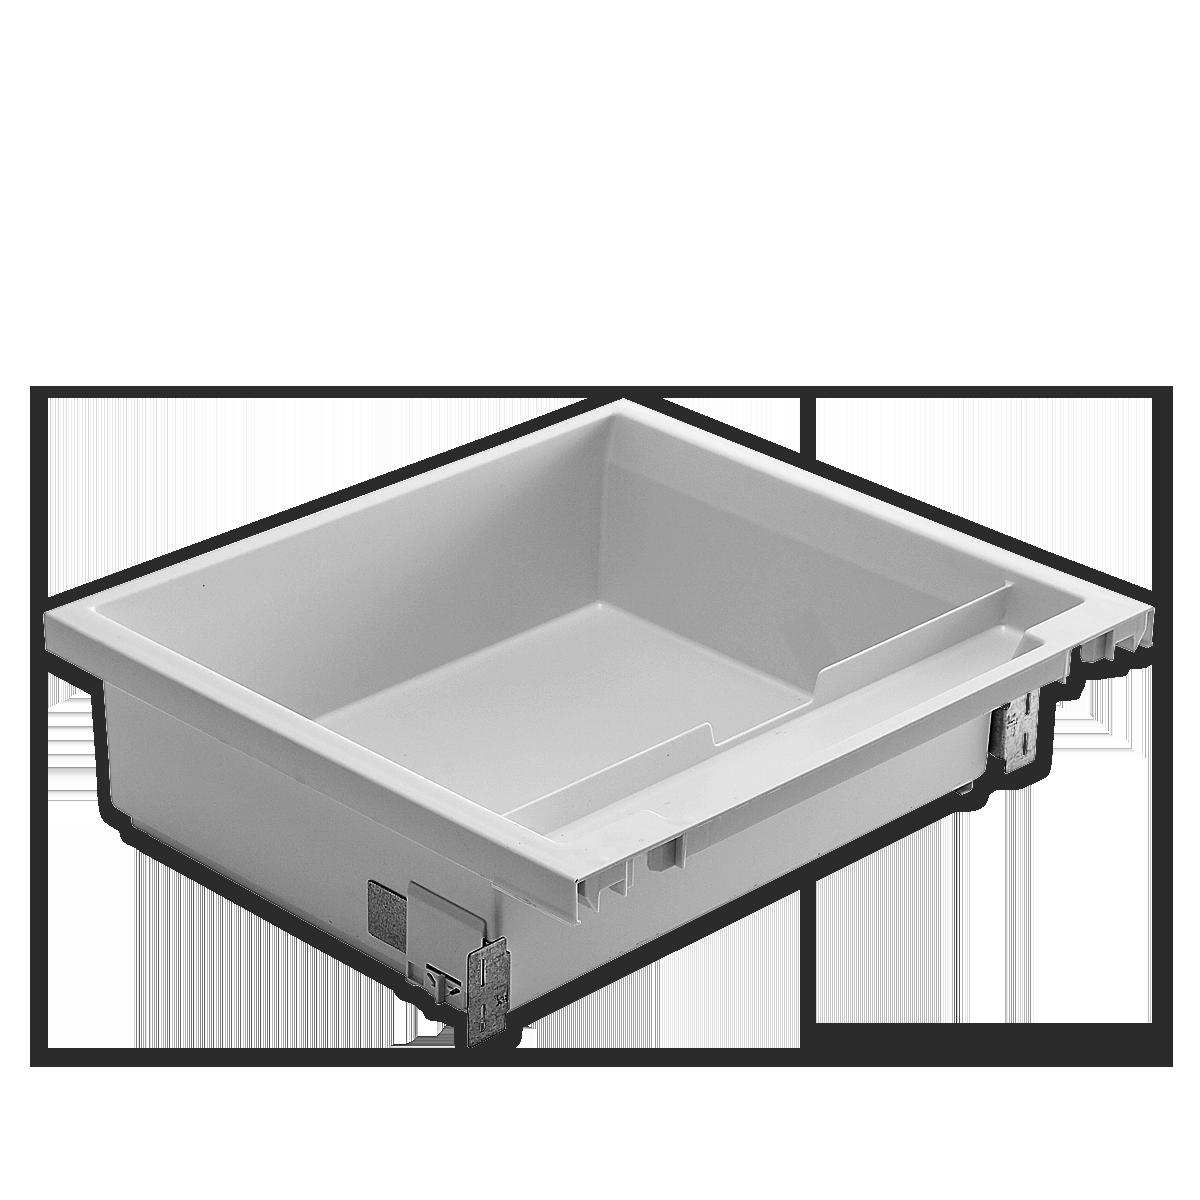 Cajón especial de cocina - Aprovechamiento del espacio